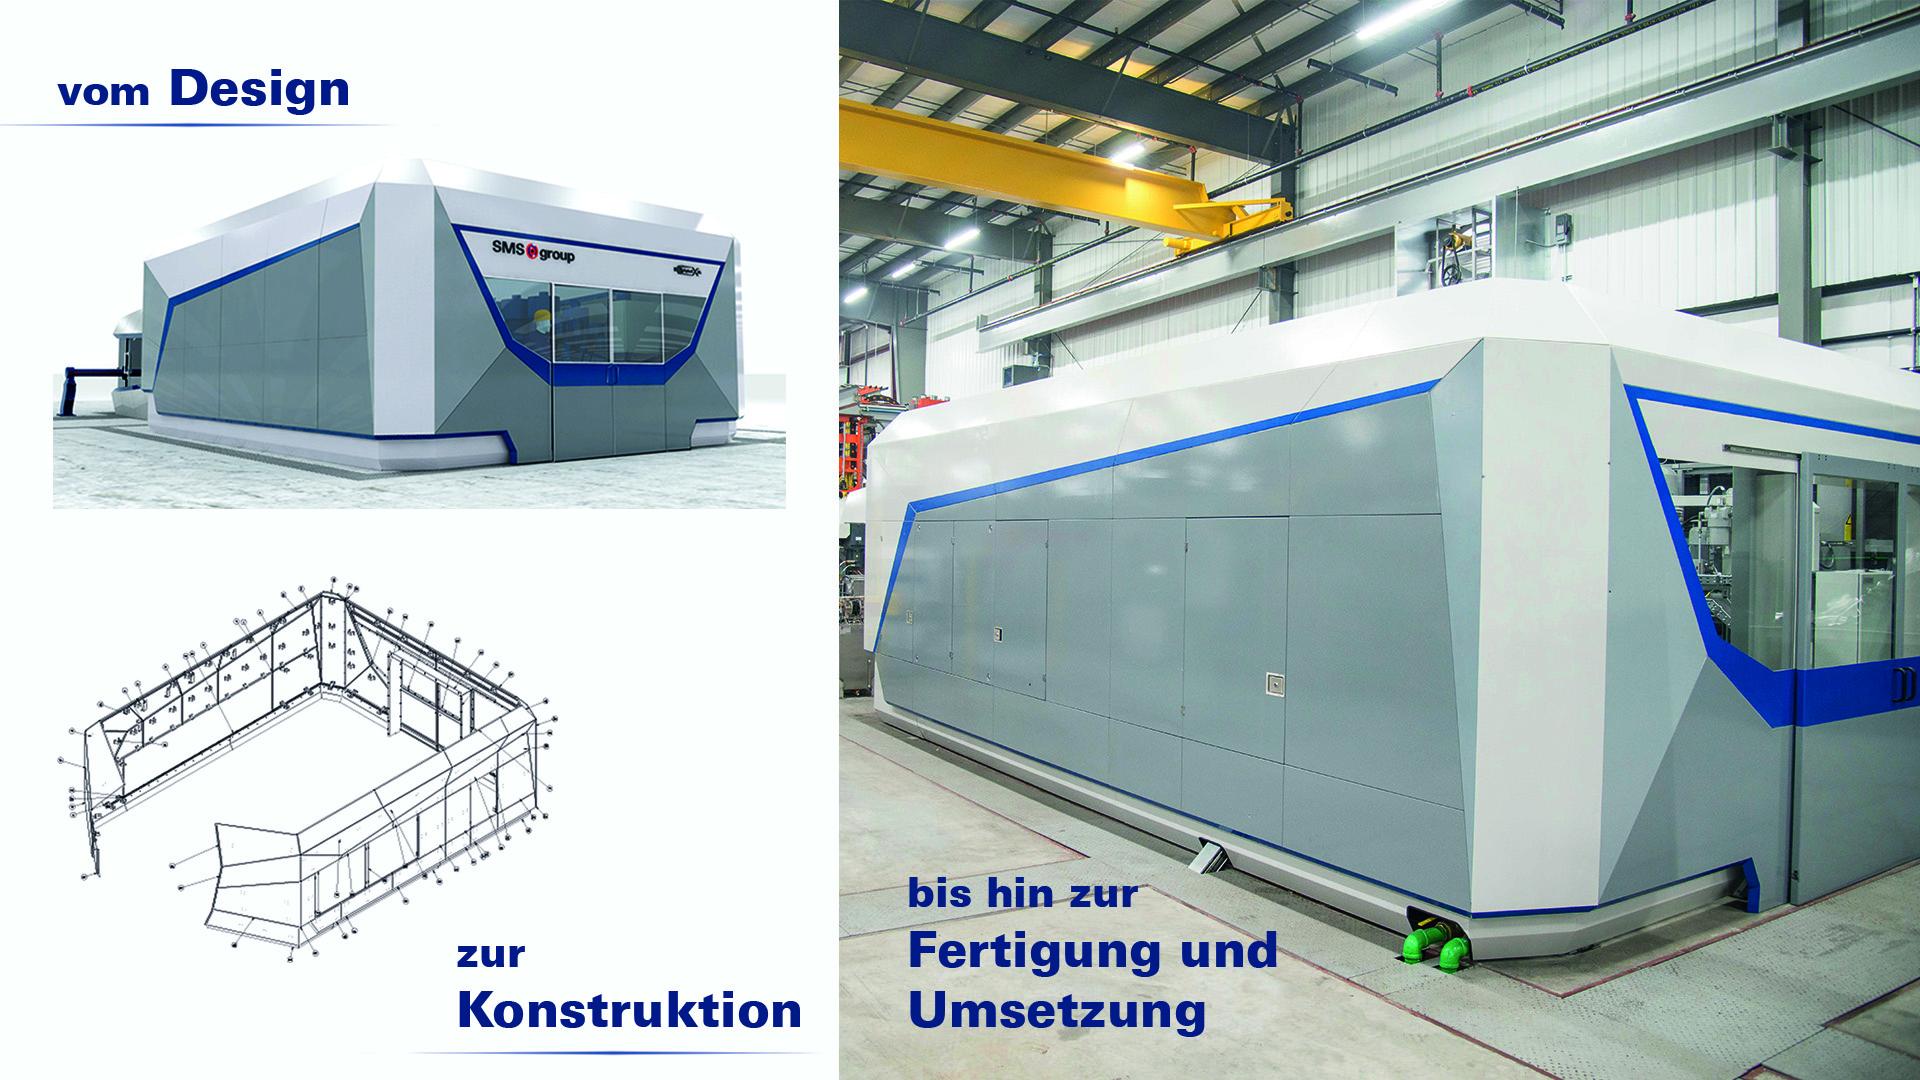 Maschinendesign - Zusammenarbeit von Industriedesignern und Konstrukteuren